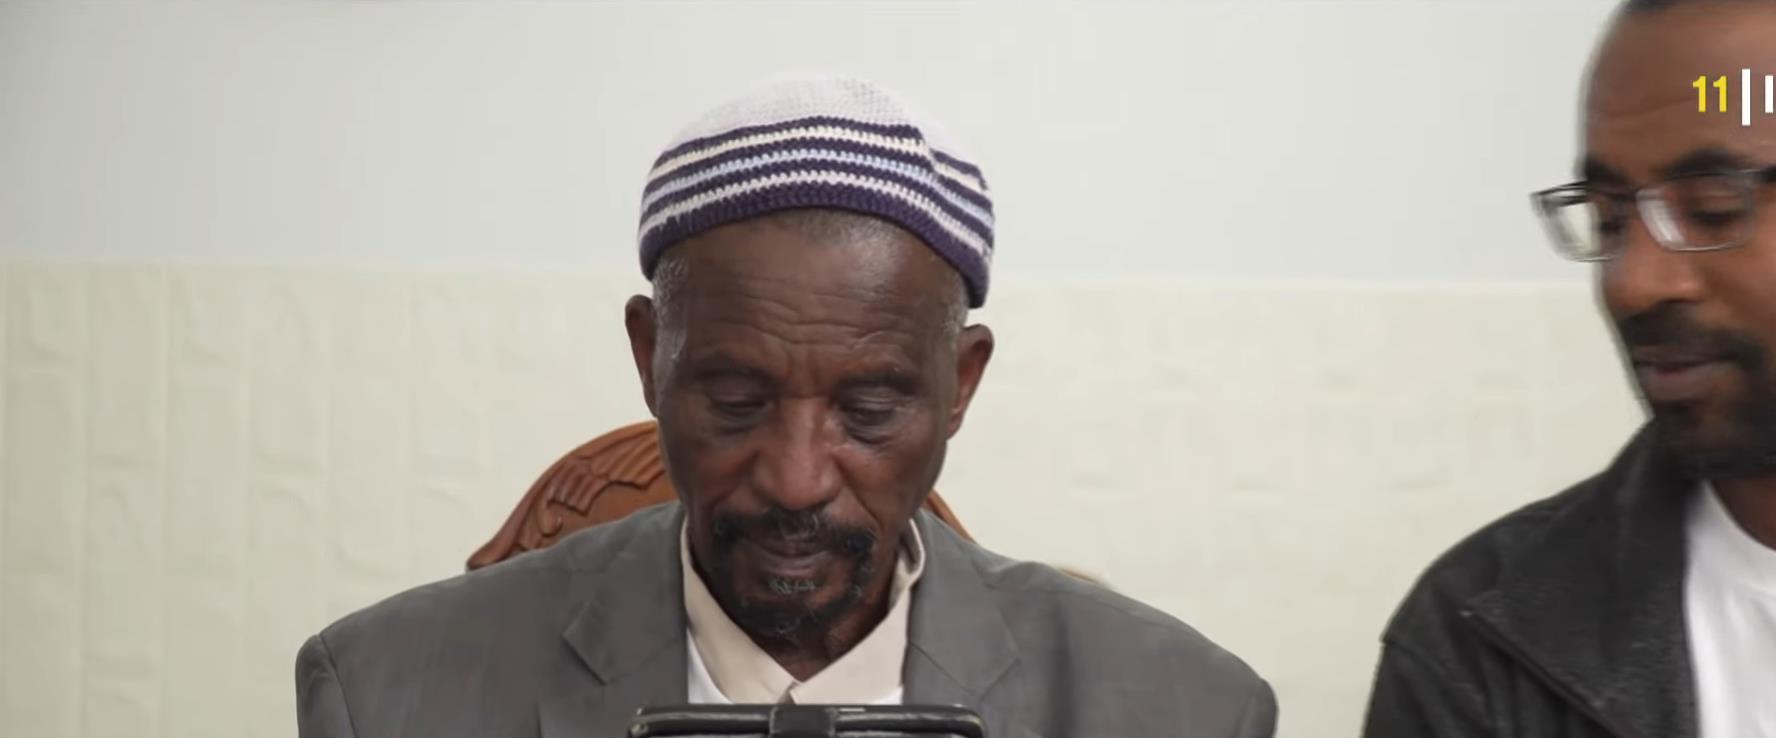 משפחת מנגיסטו נואשת לאות חיים מאברה